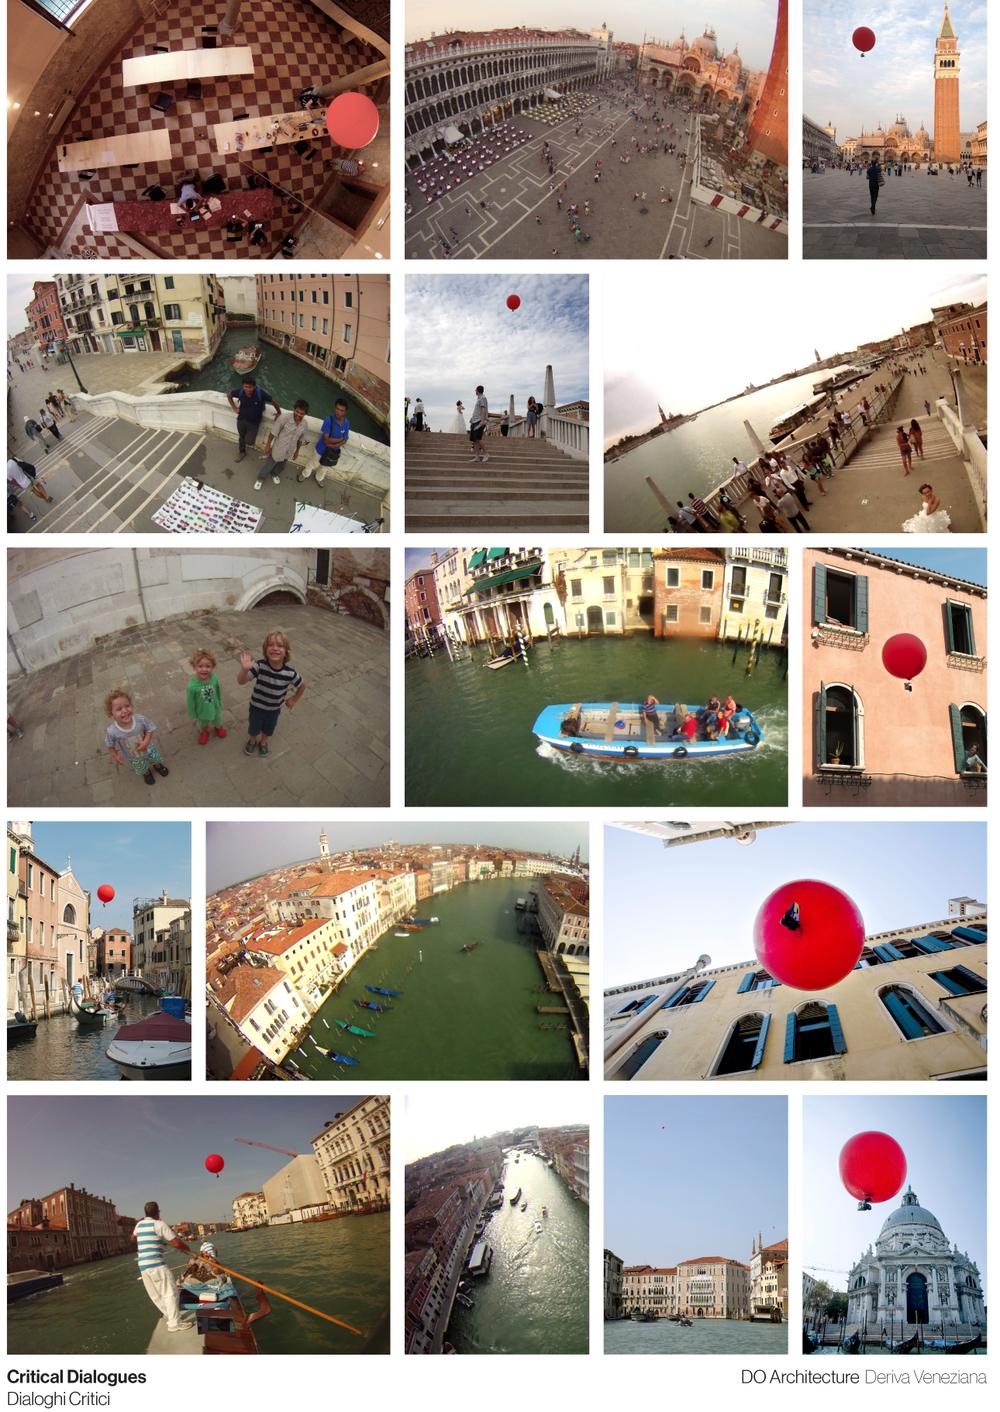 DO Architecture  Deriva Veneziana